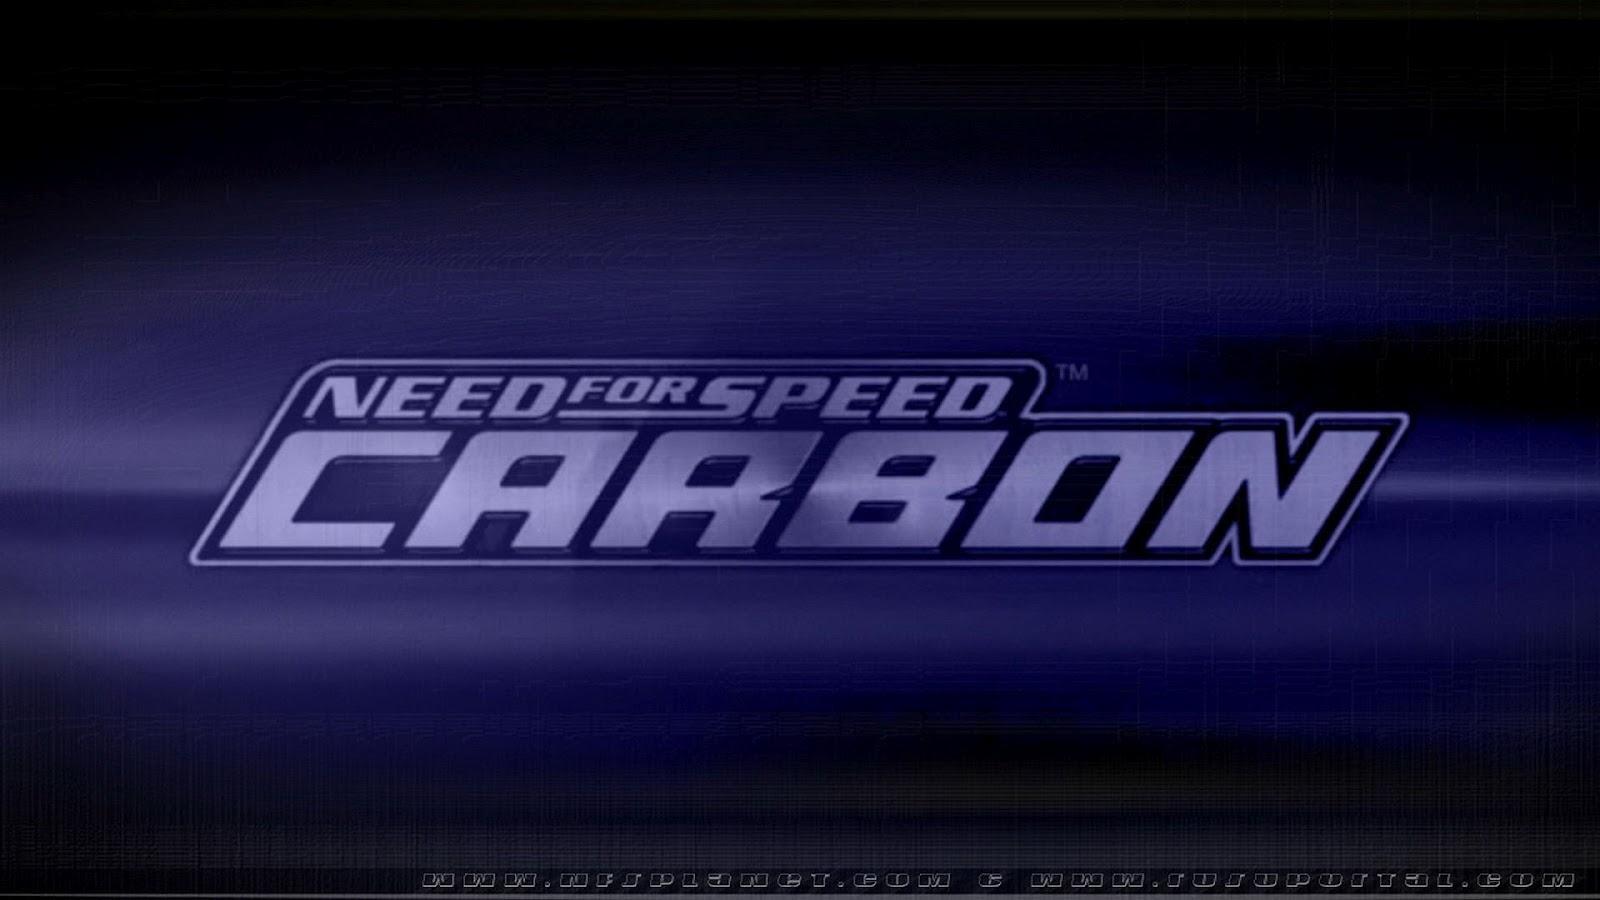 http://3.bp.blogspot.com/-3YPCQ8cckoM/UBVbDXnaEhI/AAAAAAAAFJU/w99YVnp_I_c/s1600/Need+for+Speed+Carbon+Wallpapers++4.jpg